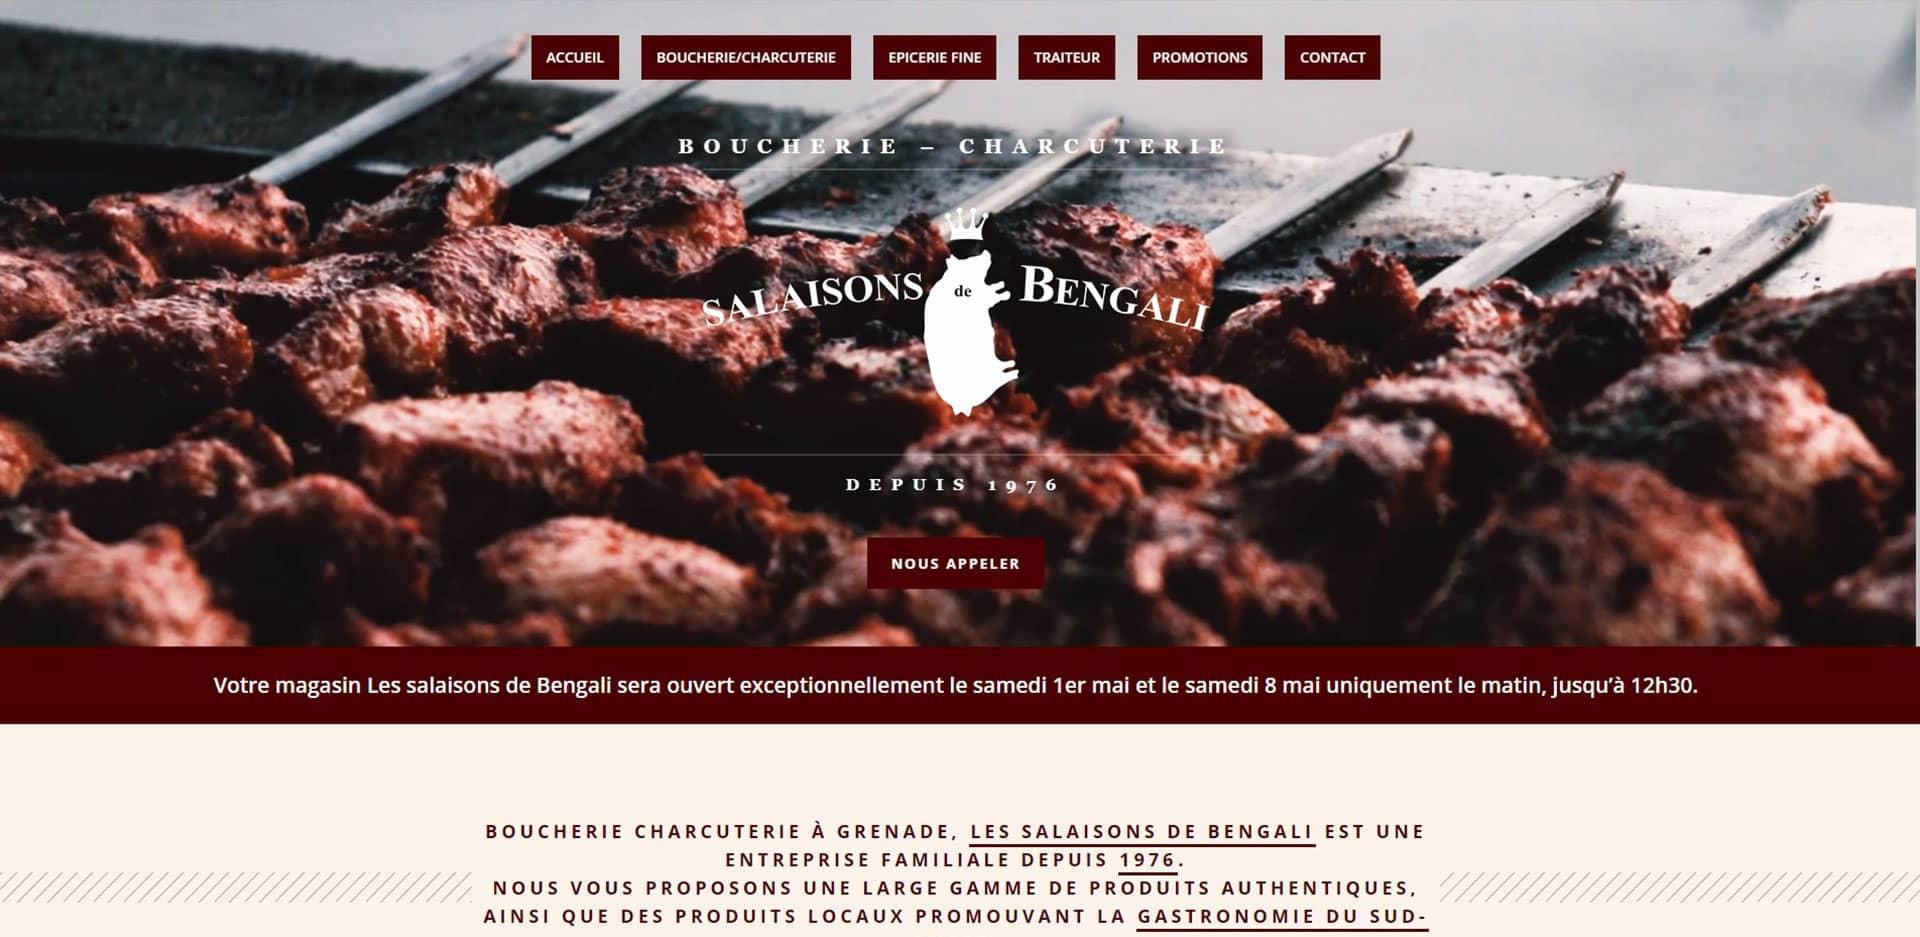 Page d'accueil du site internet les salaisons de bengali